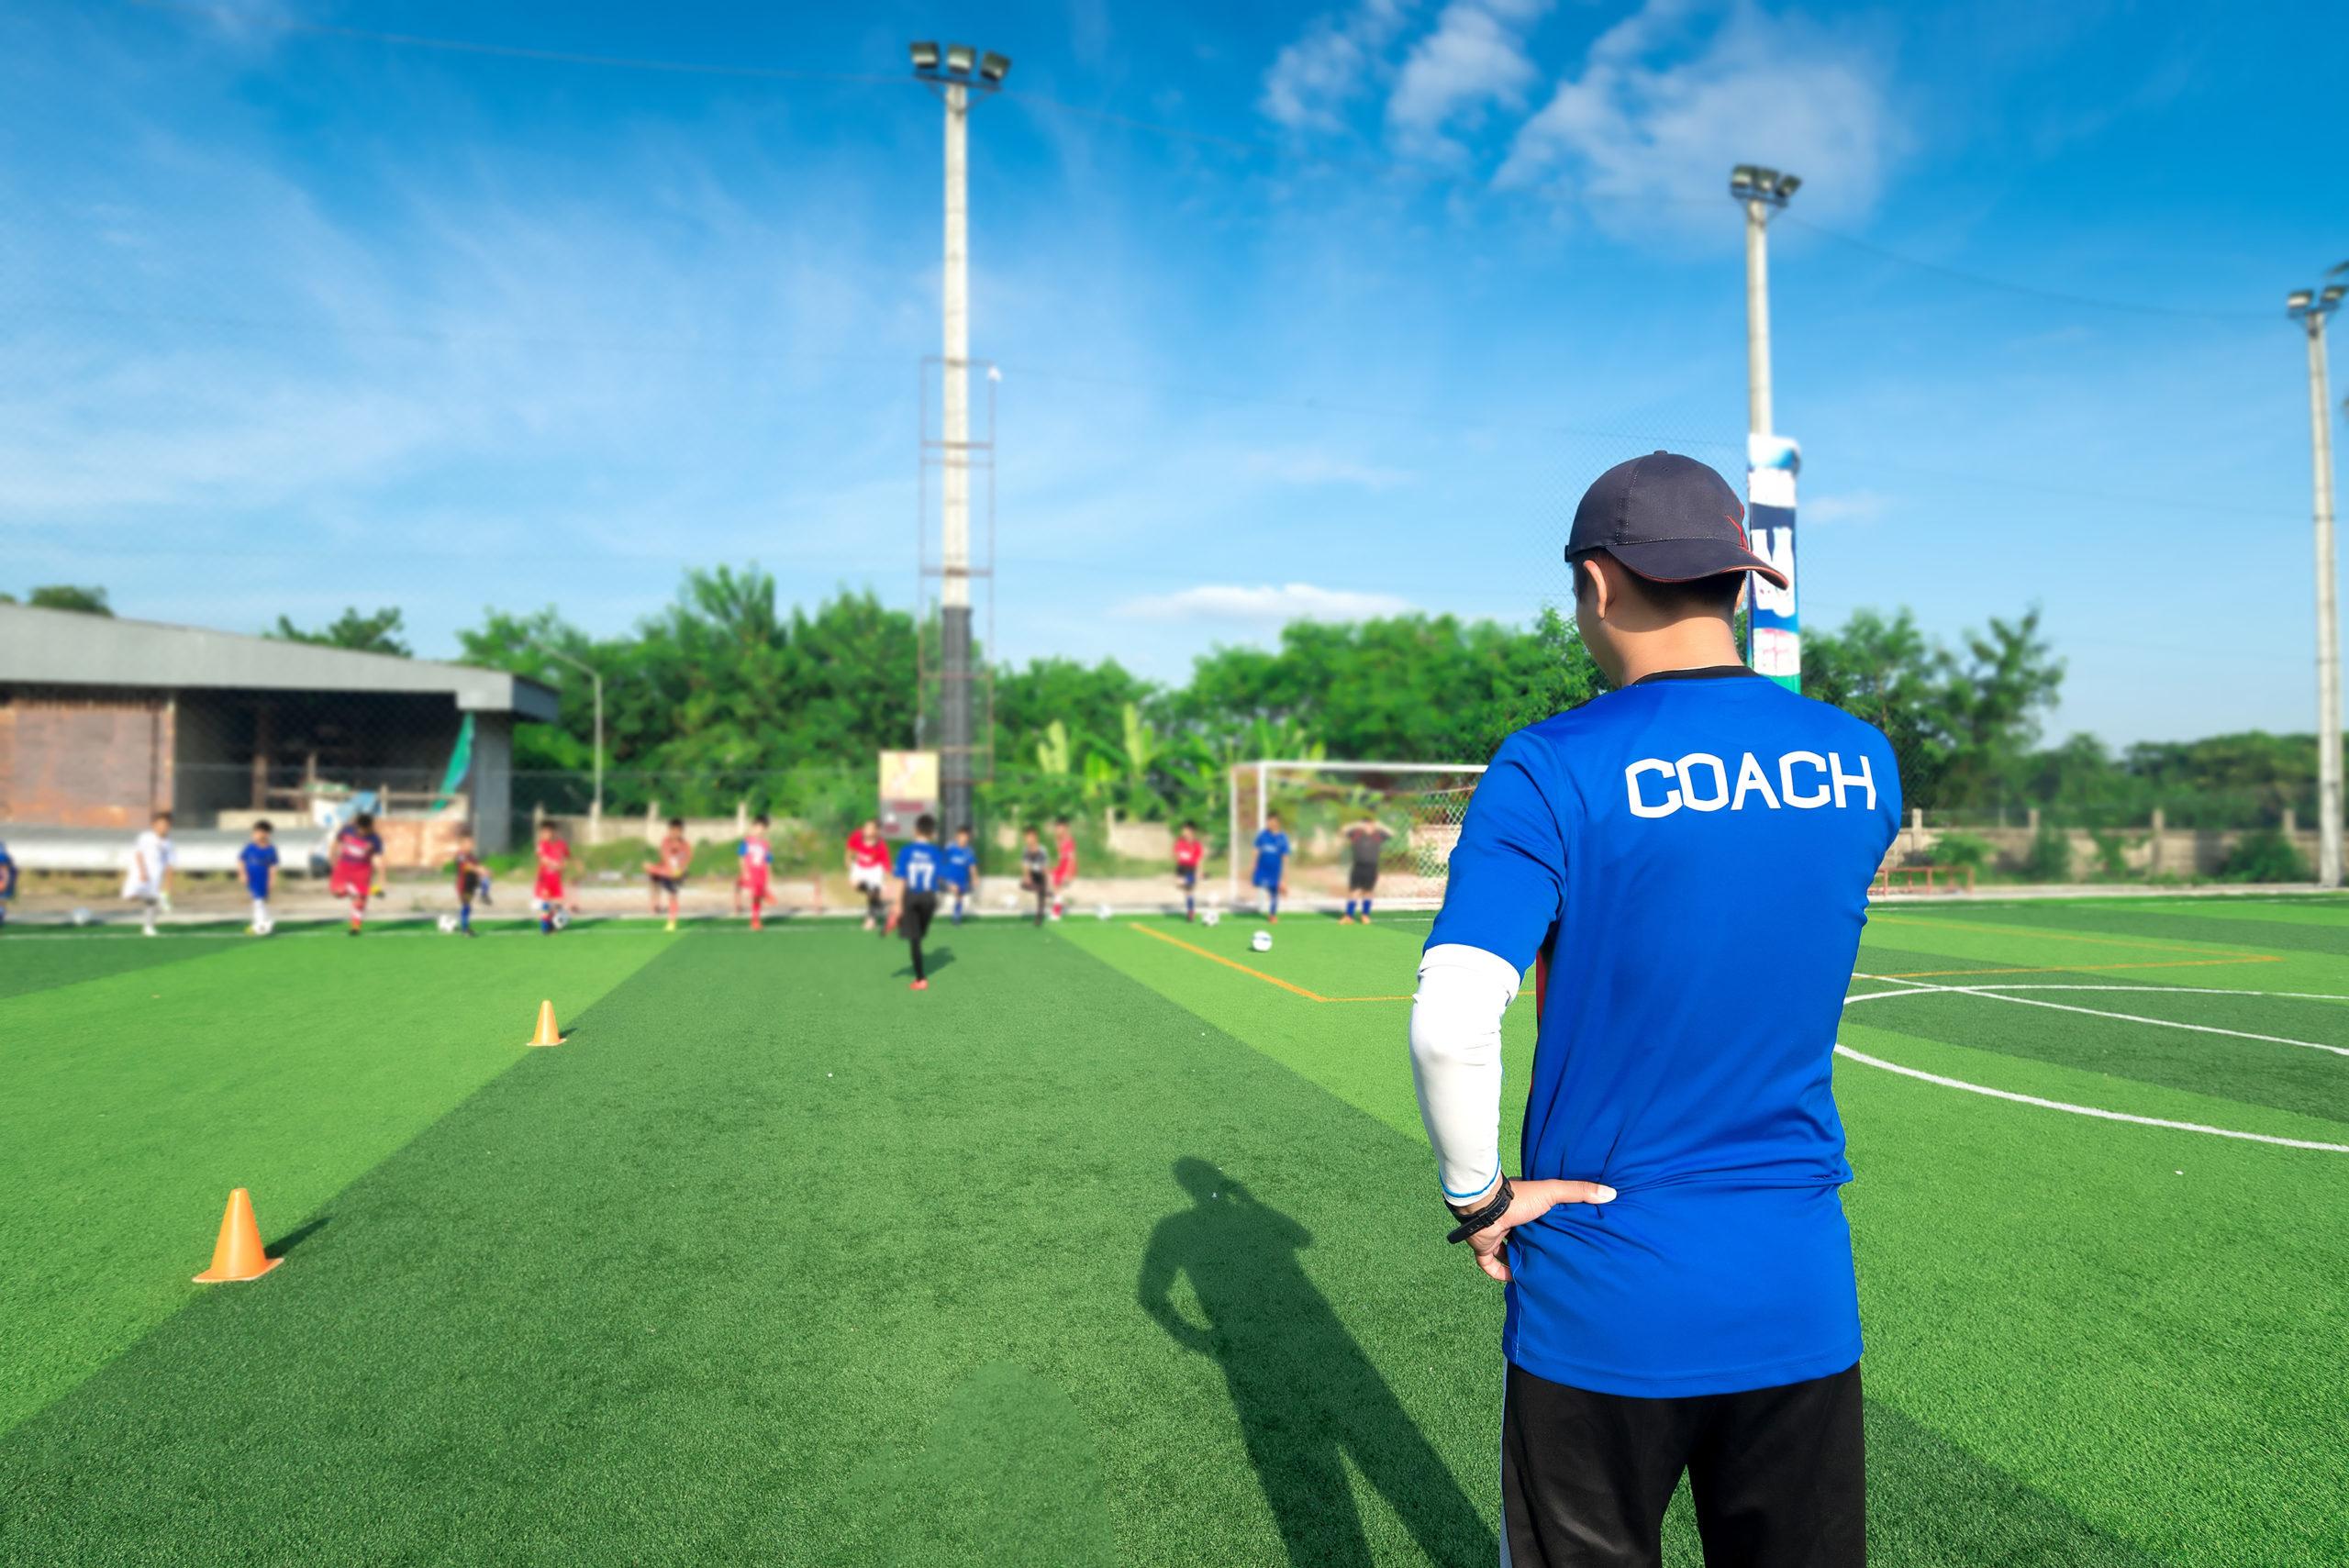 oog van de coach